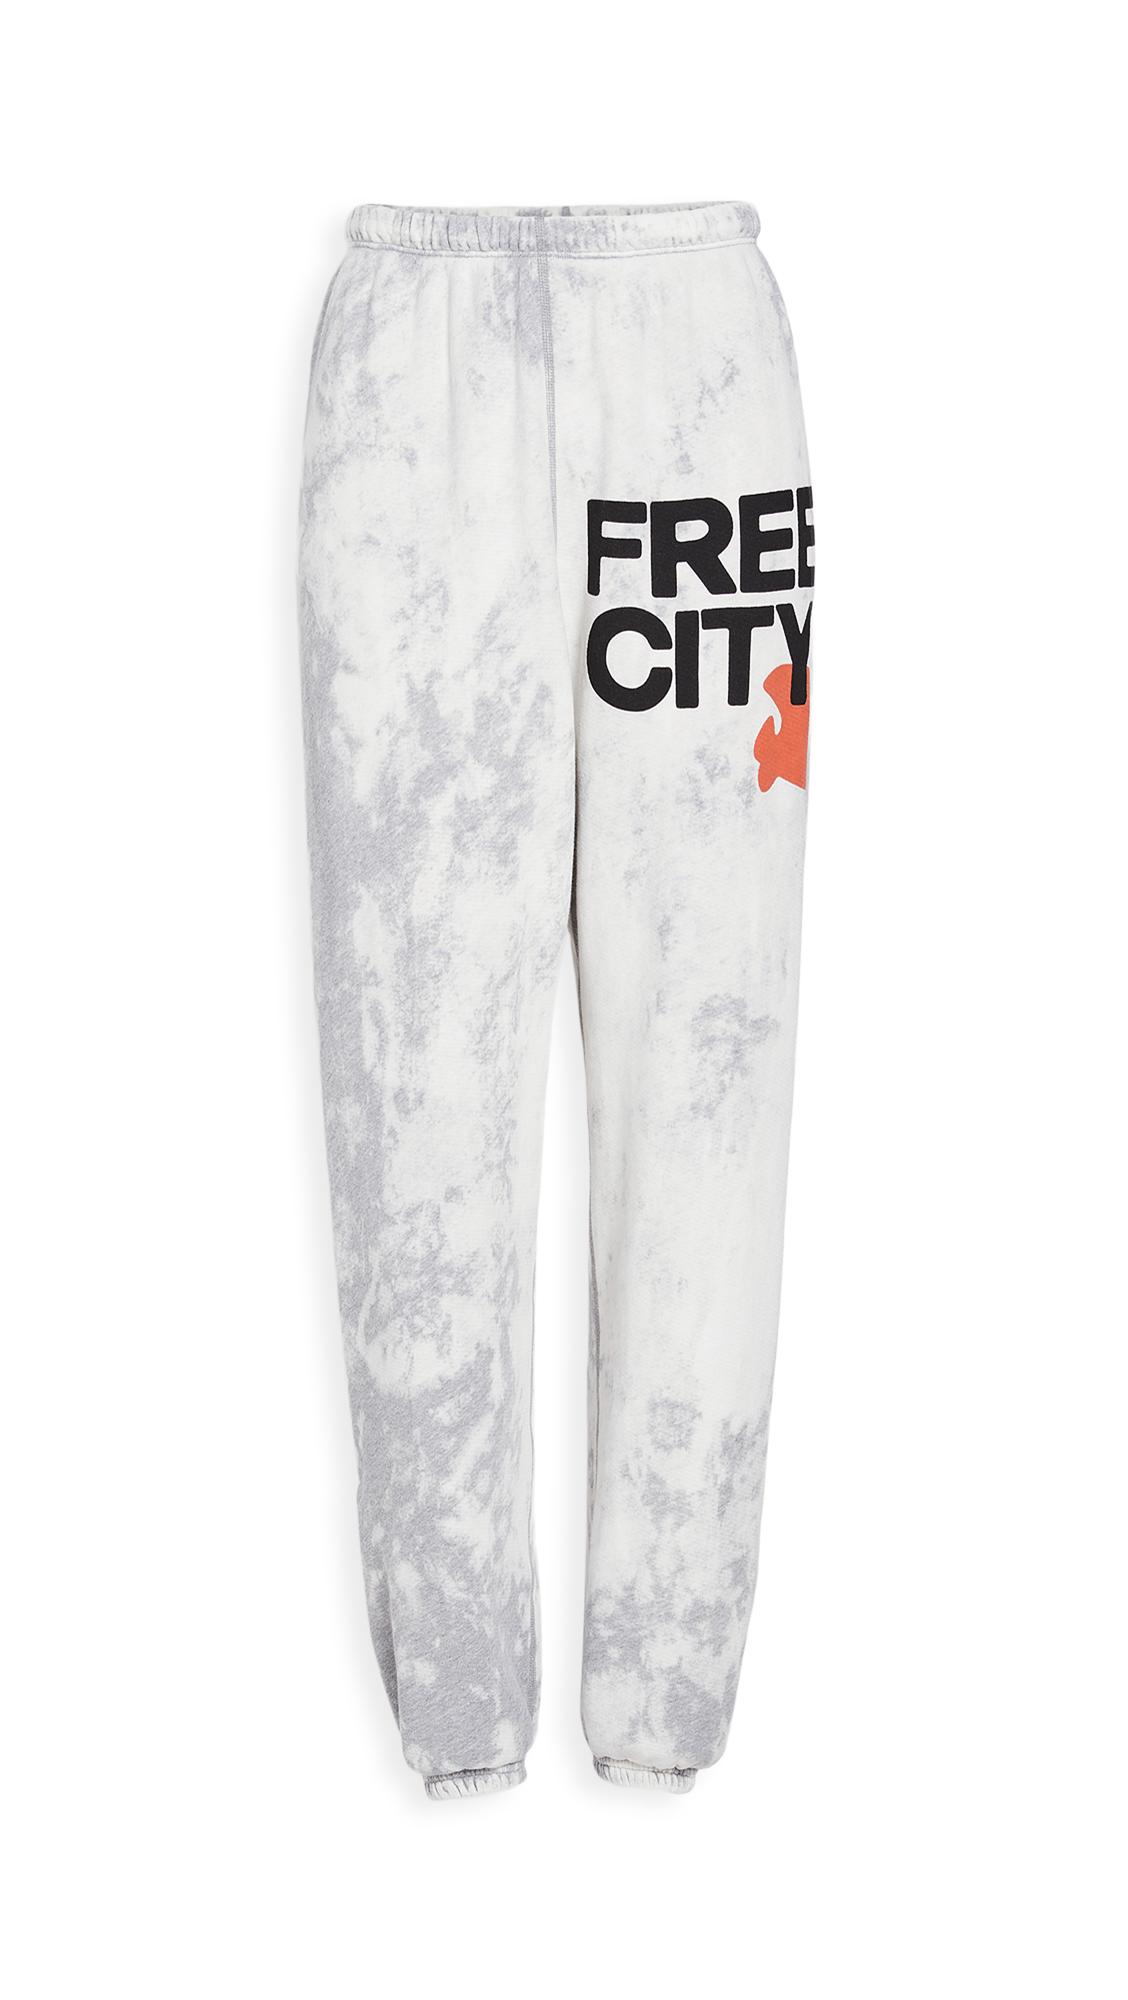 FREECITY Superbleachout OG Sweatpants